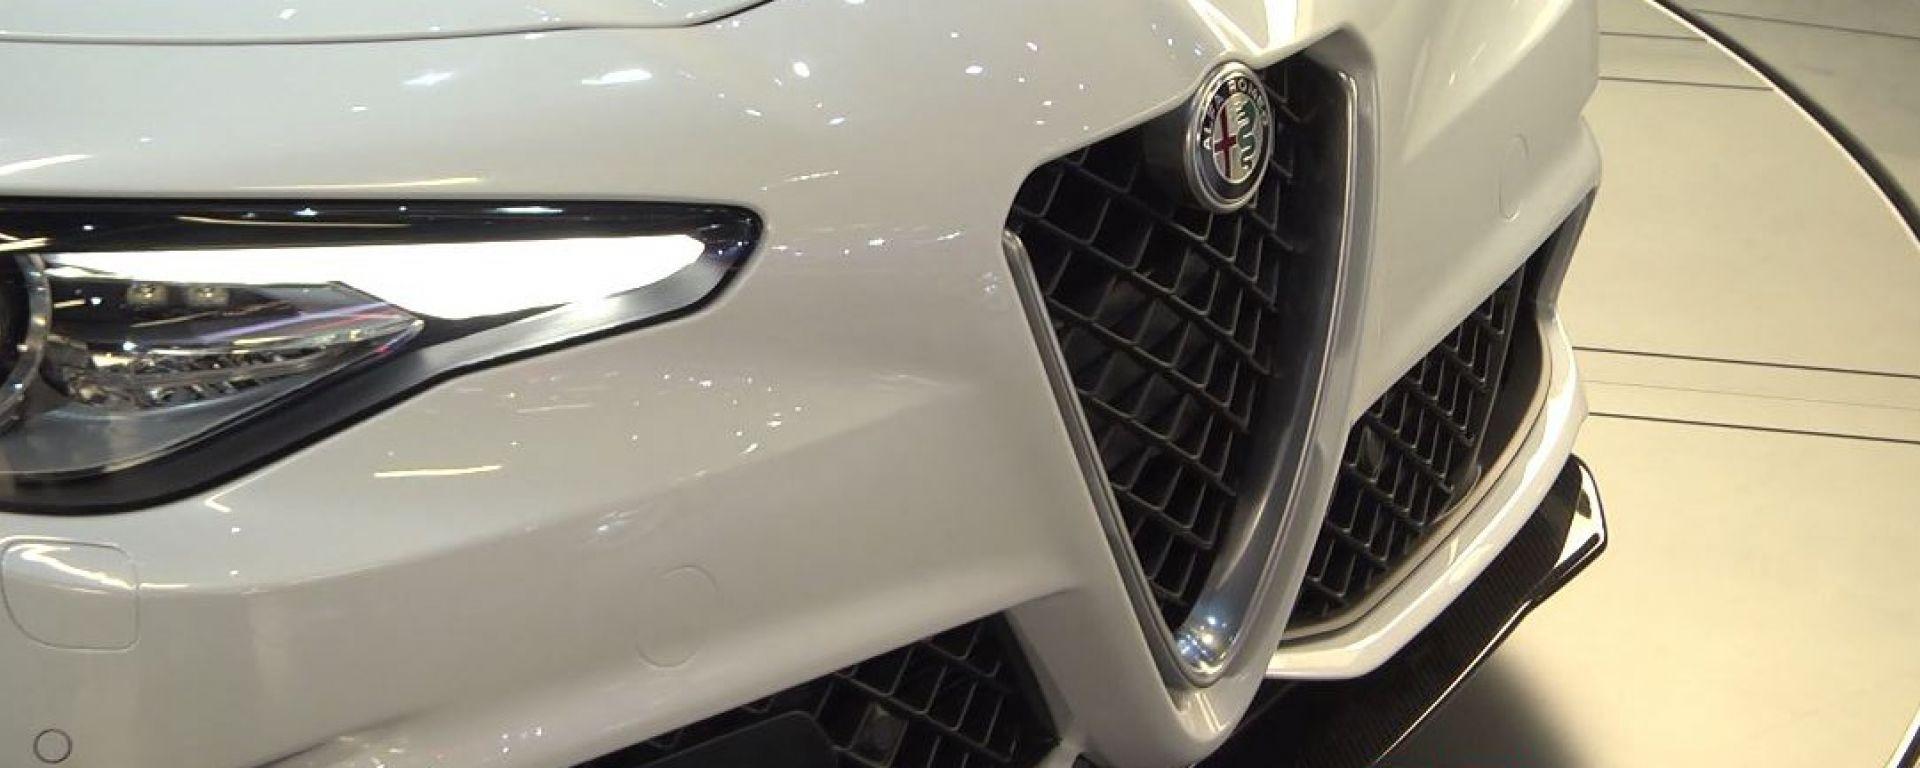 IAA Francoforte 2015: l'Alfa Romeo Giulia Quadrifoglio Verde